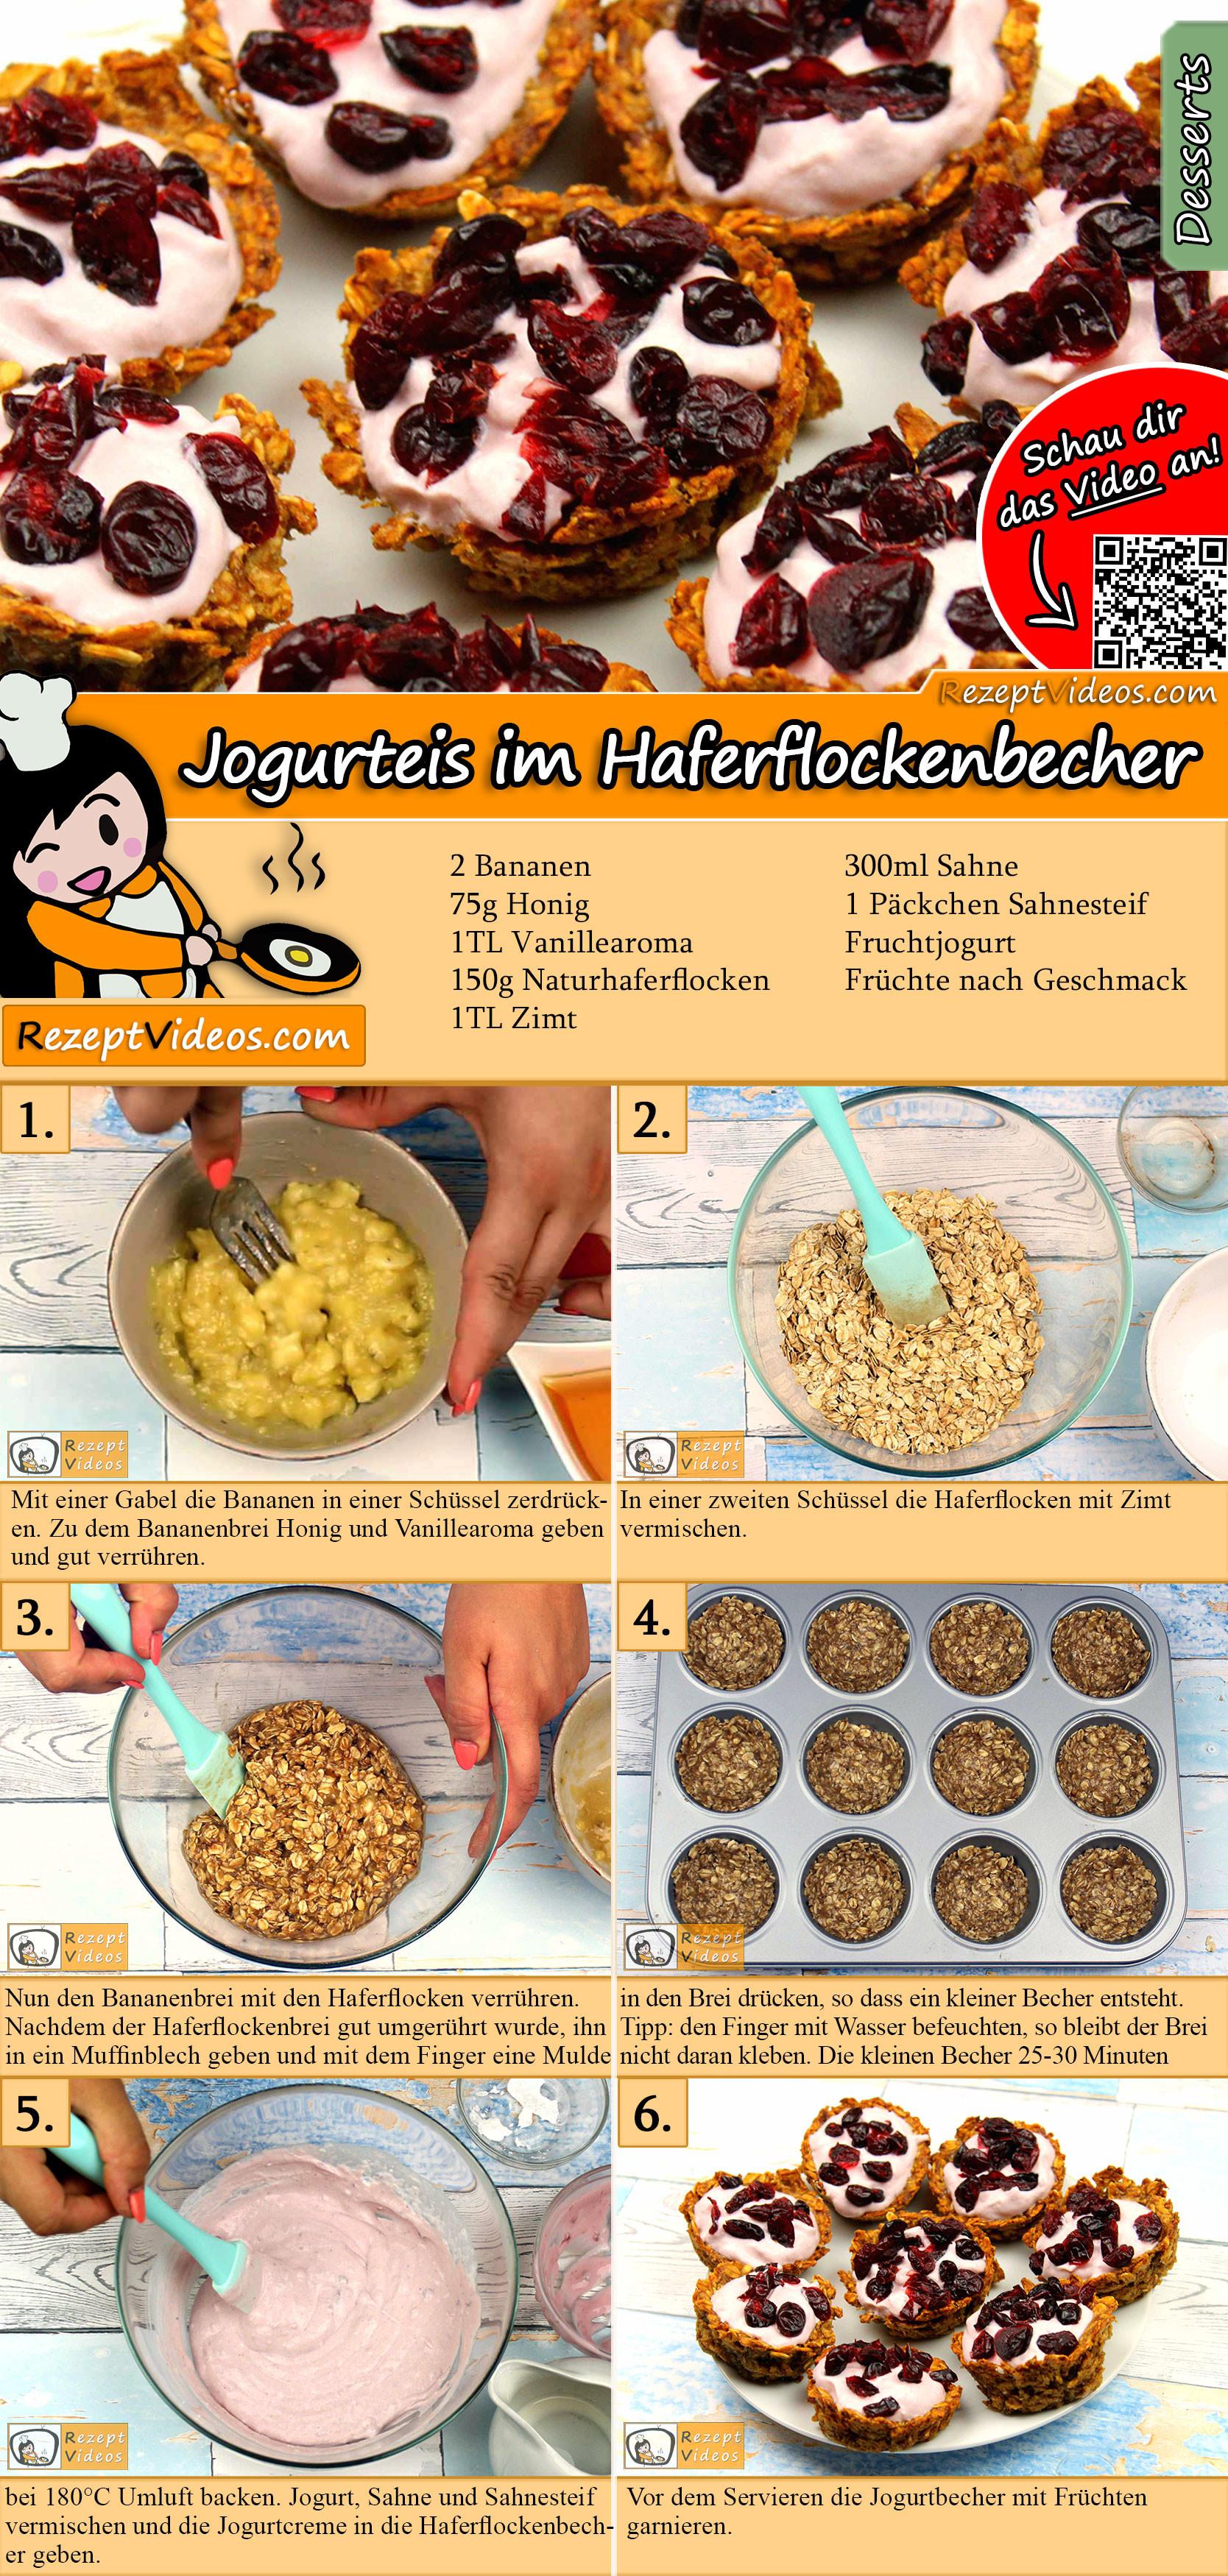 Jogurteis im Haferflockenbecher Rezept mit Video